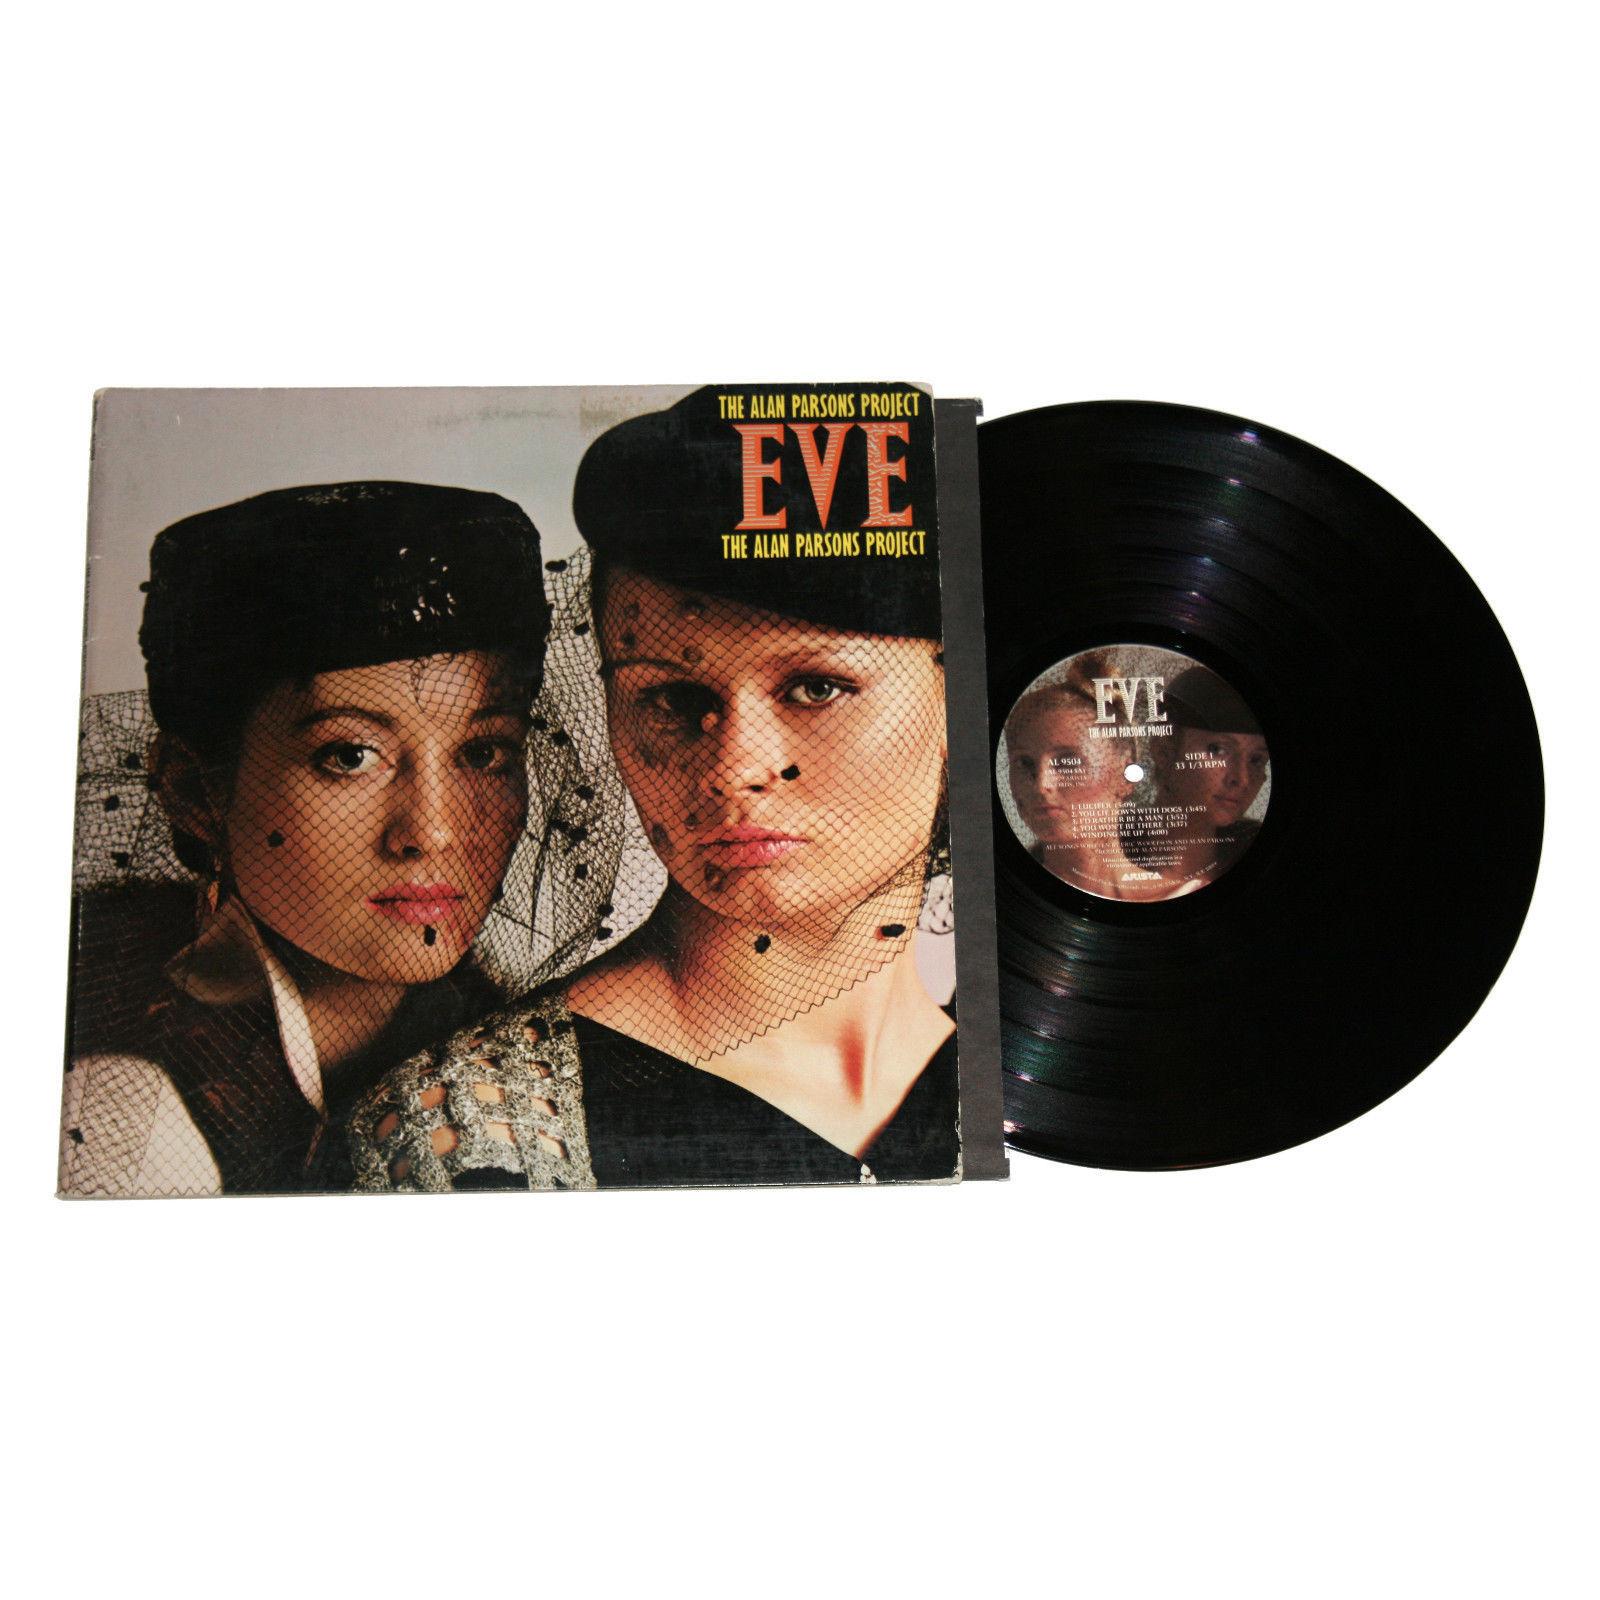 The Alan Parsons Project - Eve Album